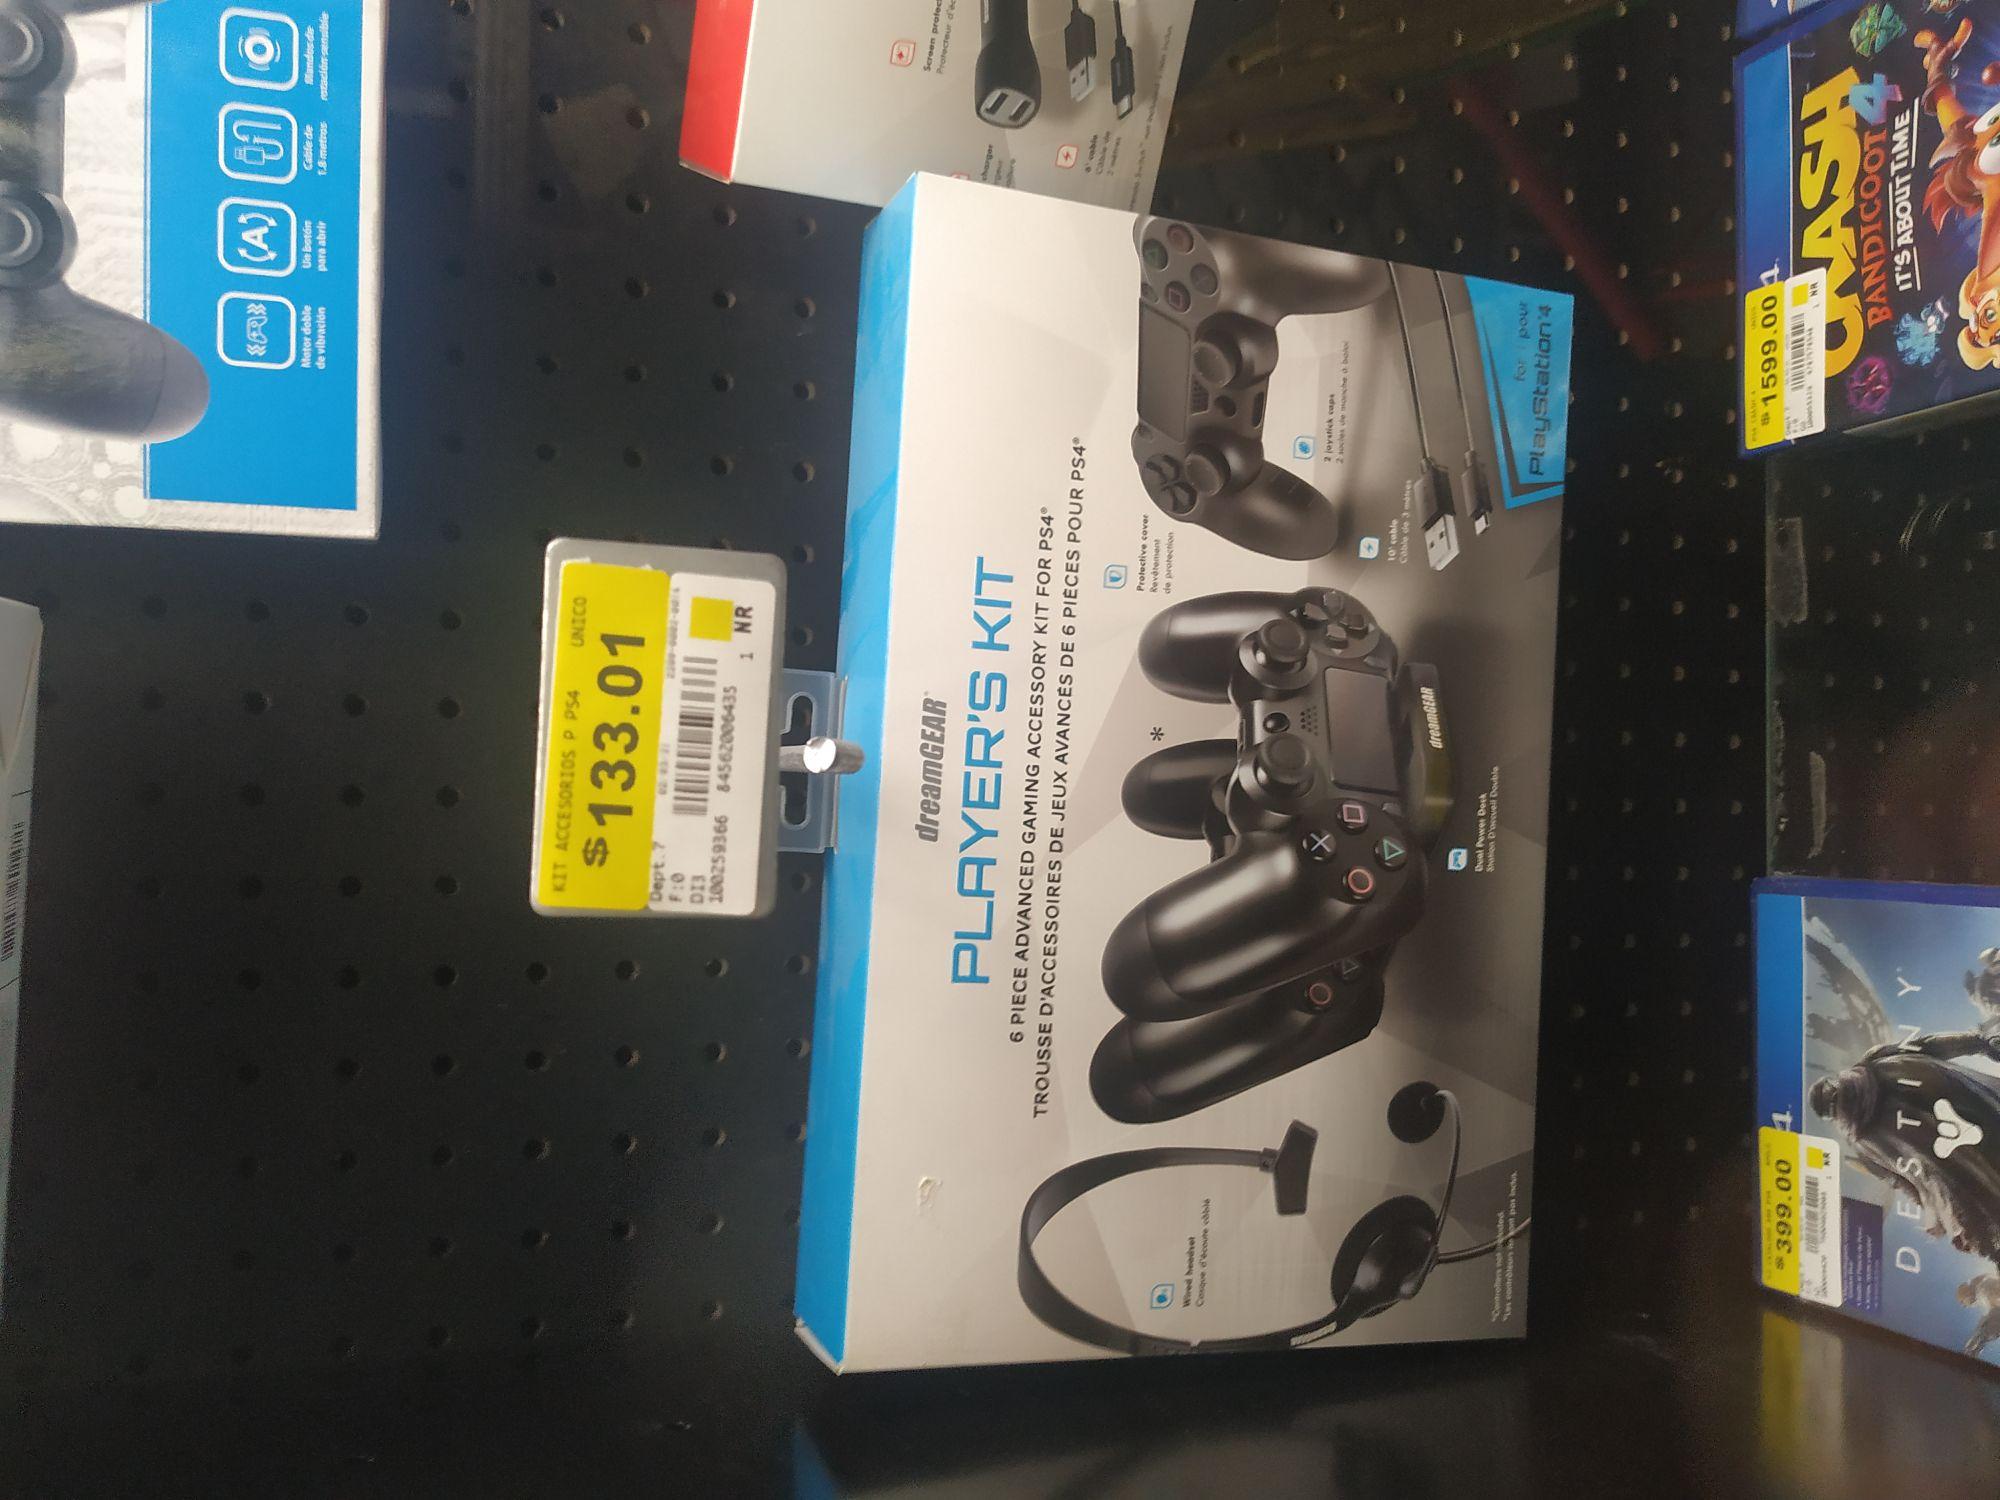 Bodega Aurrerá, Accesorios para PS4 y Nintendo Switch